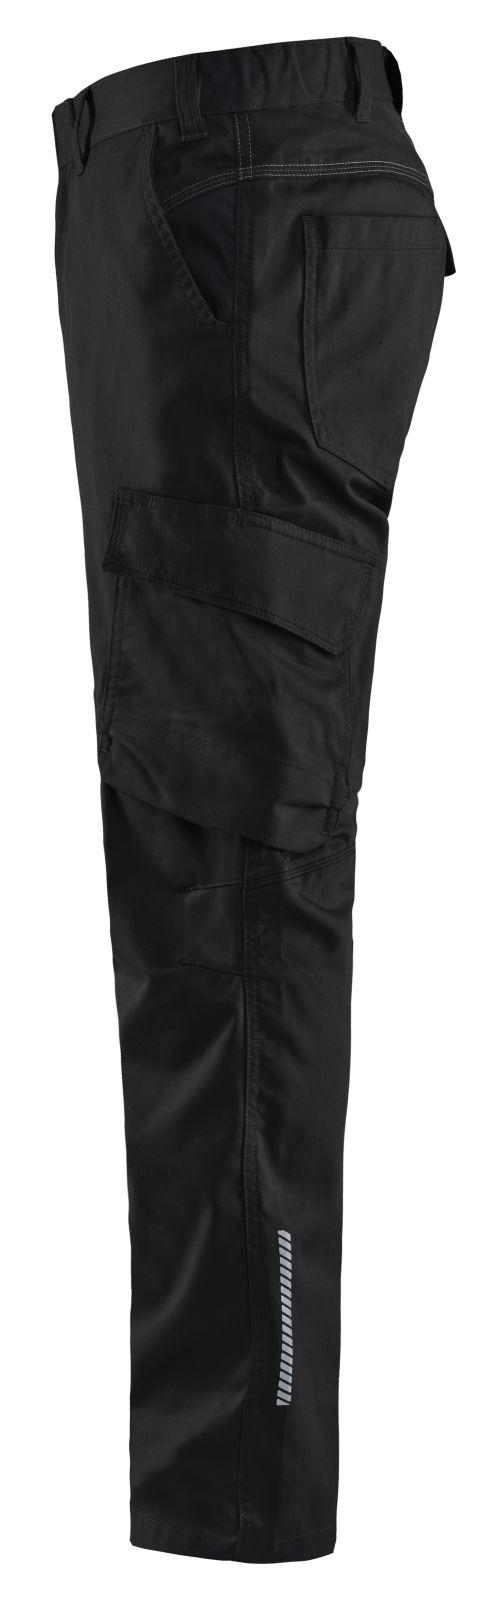 Blaklader Broeken 14441832 zwart(9900)